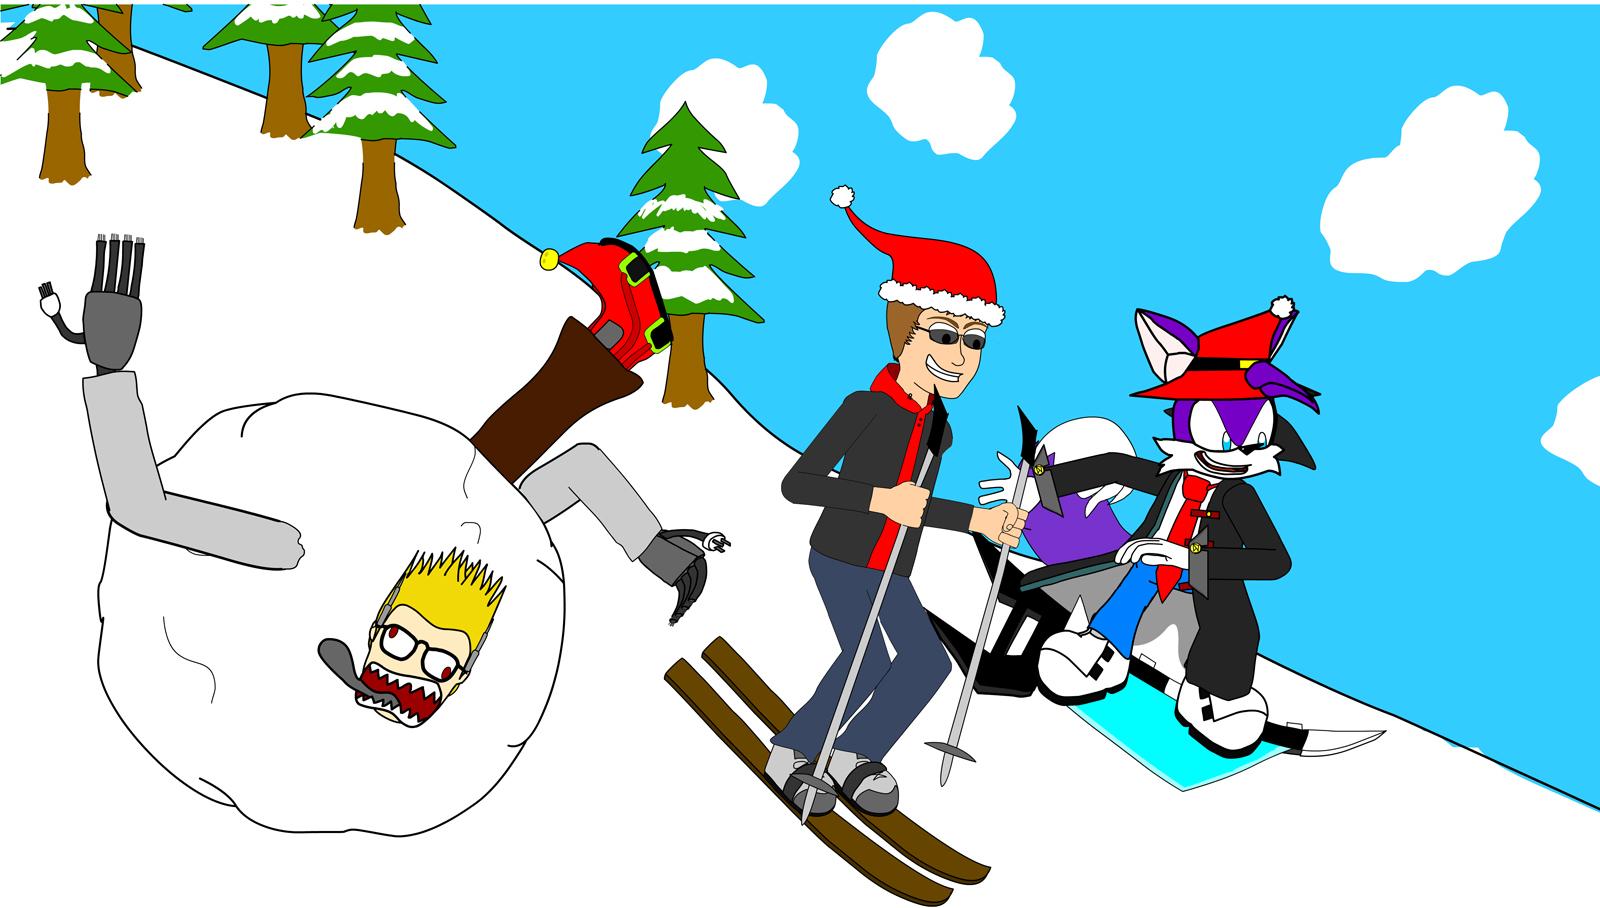 Lewtendo Ski Trip